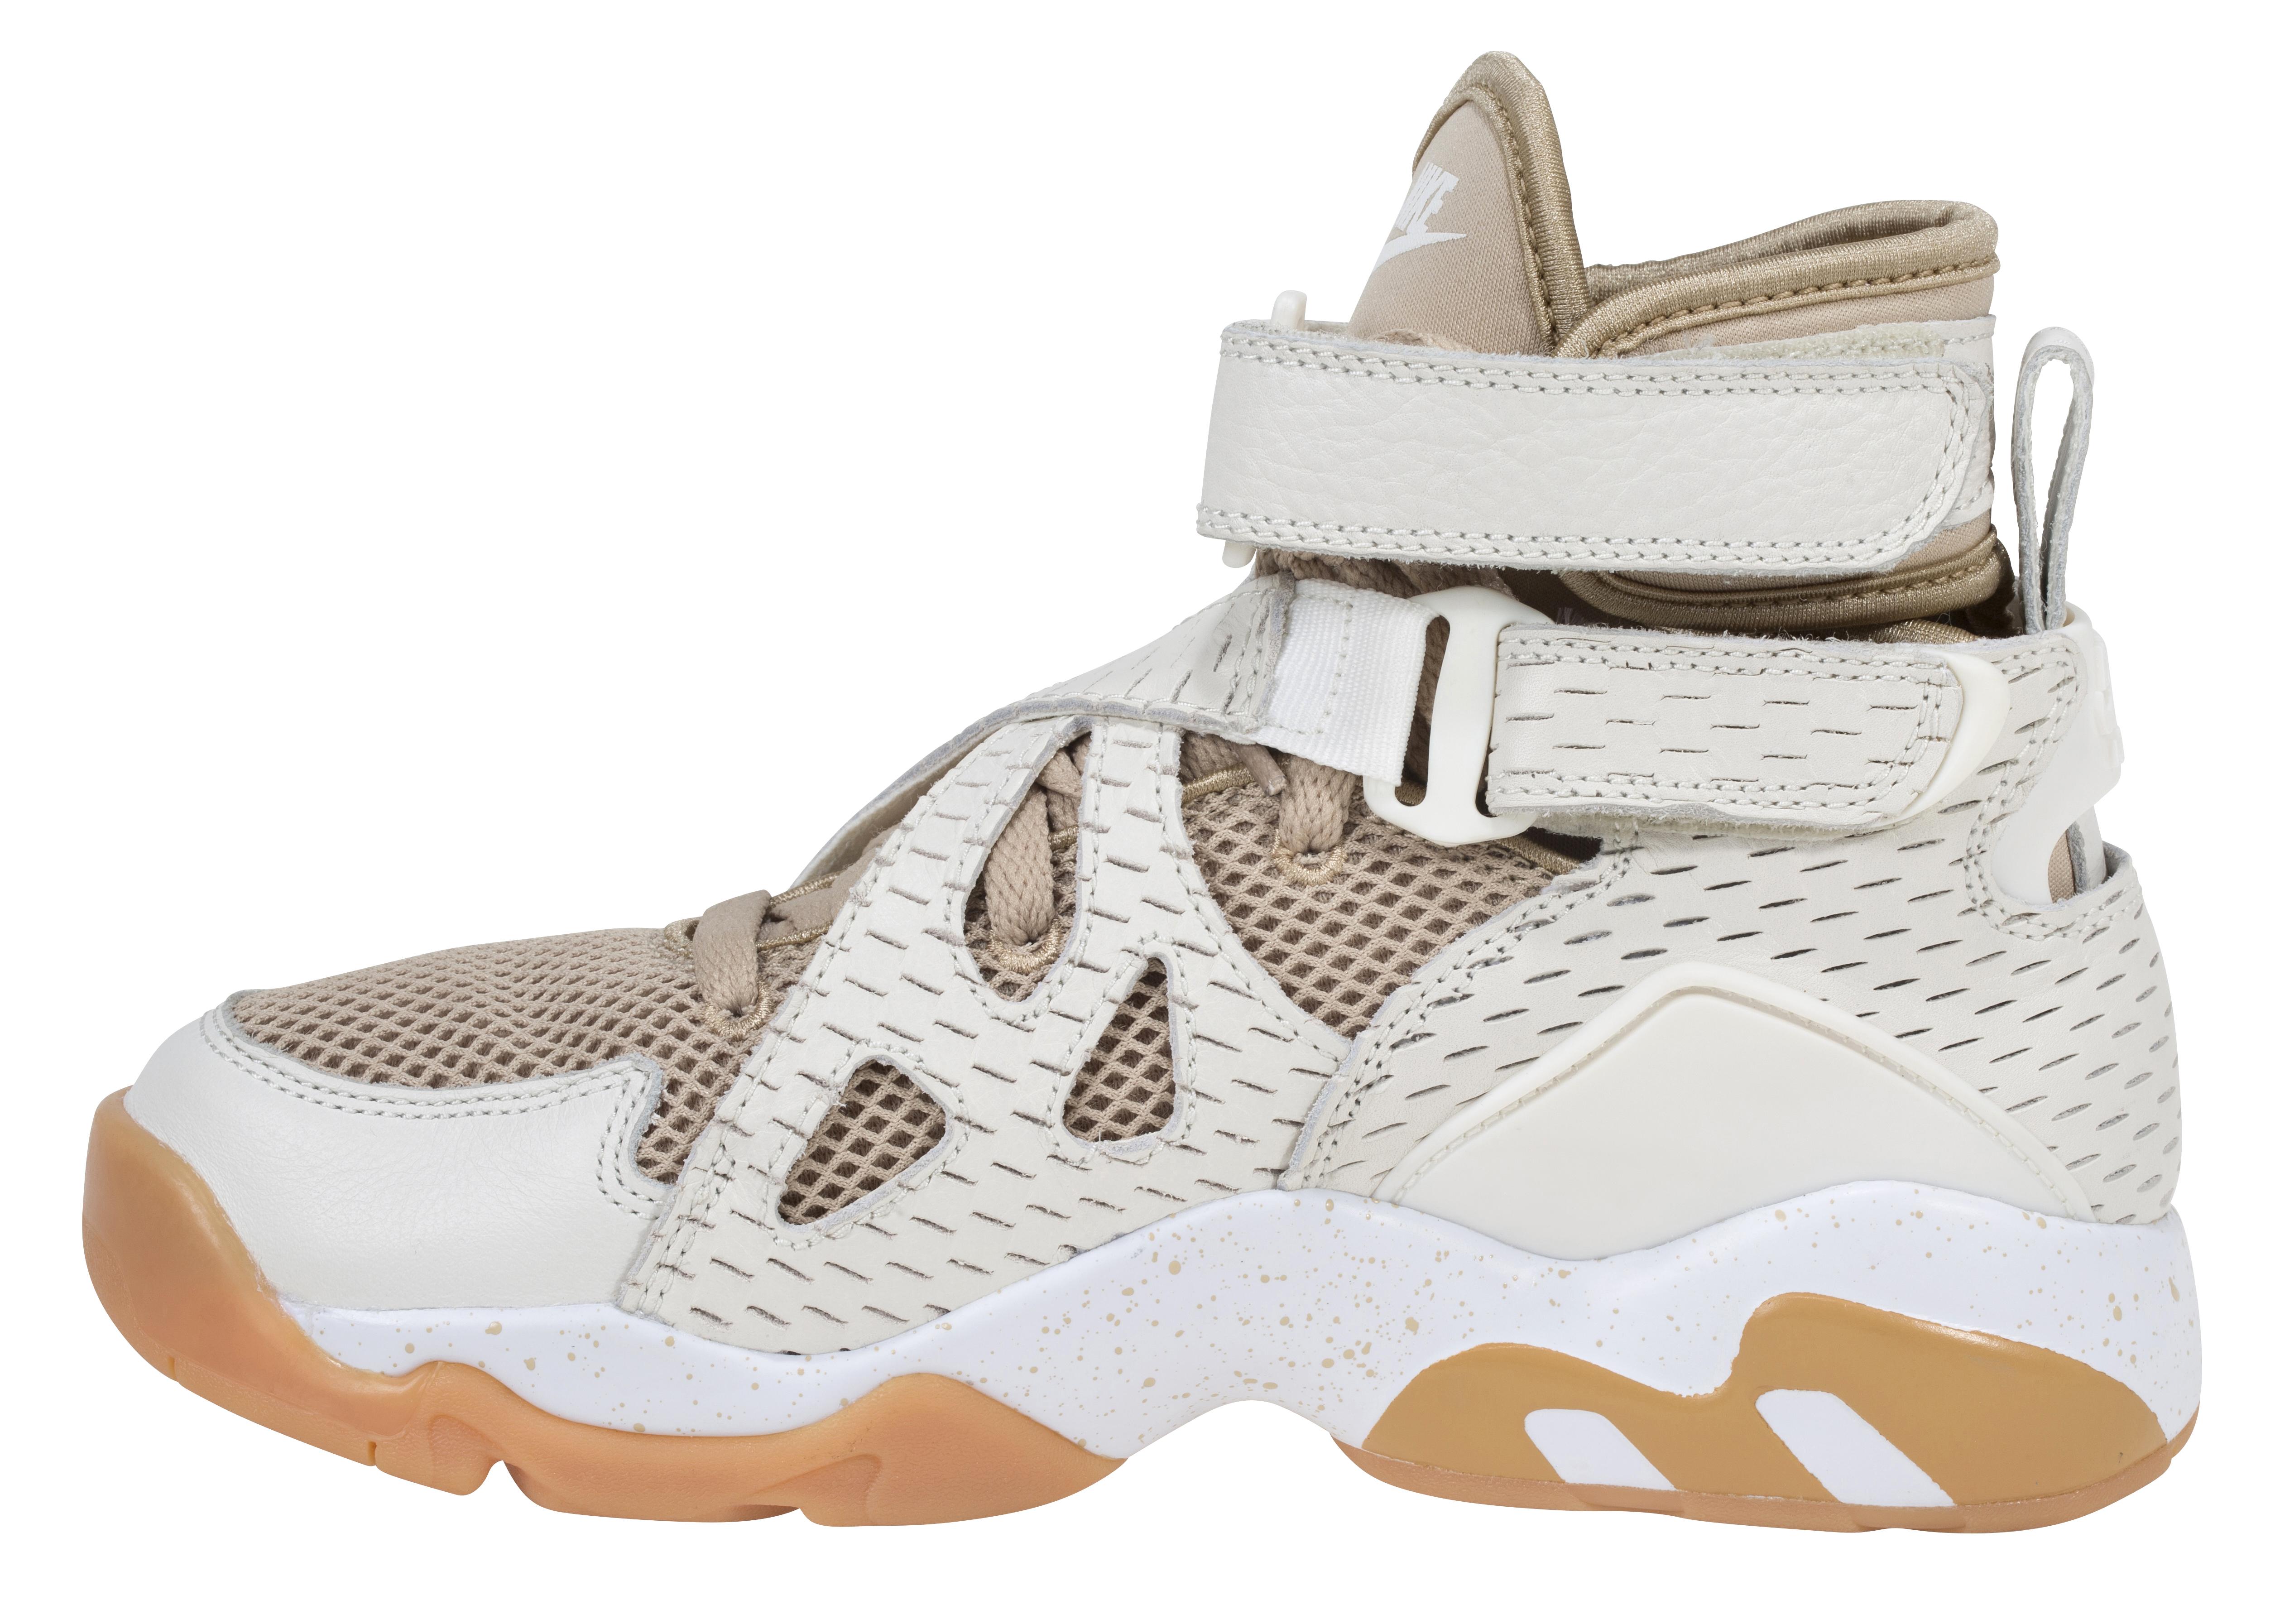 new style 4b364 7e99a ... Nike Air Unlimited. Finn butikk som har denne modellen